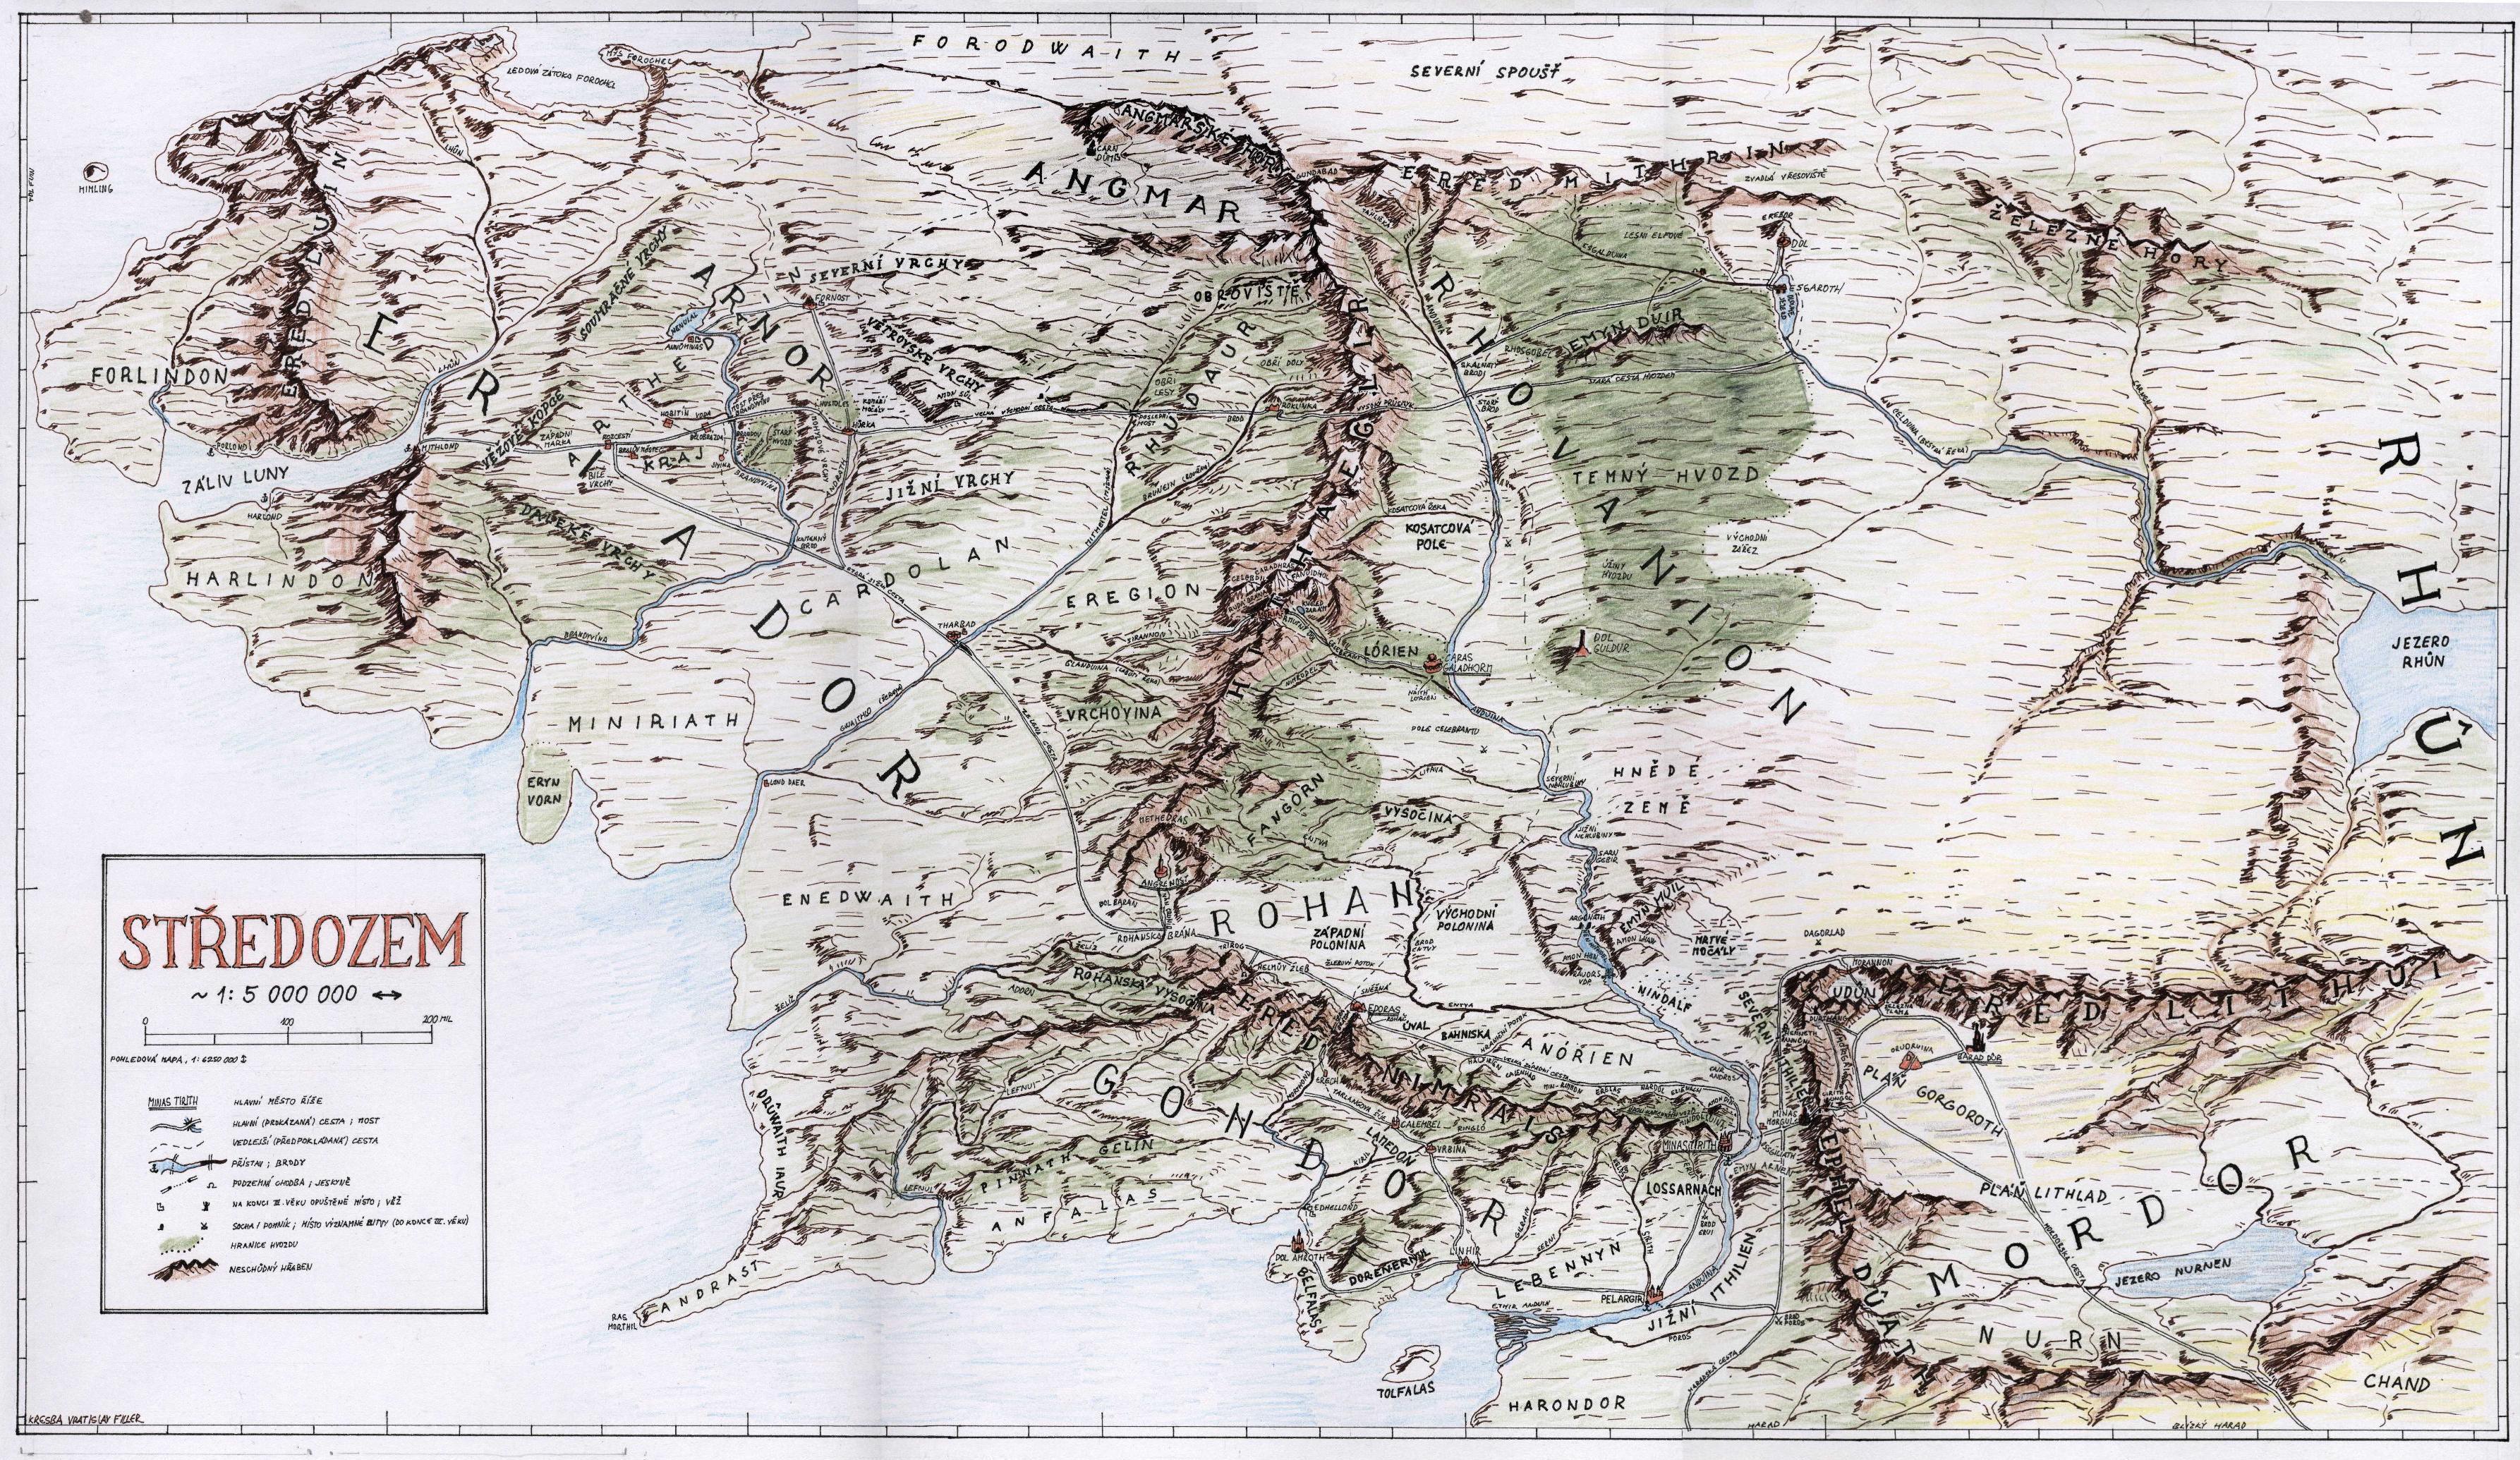 Mapa Stredozem Mapa